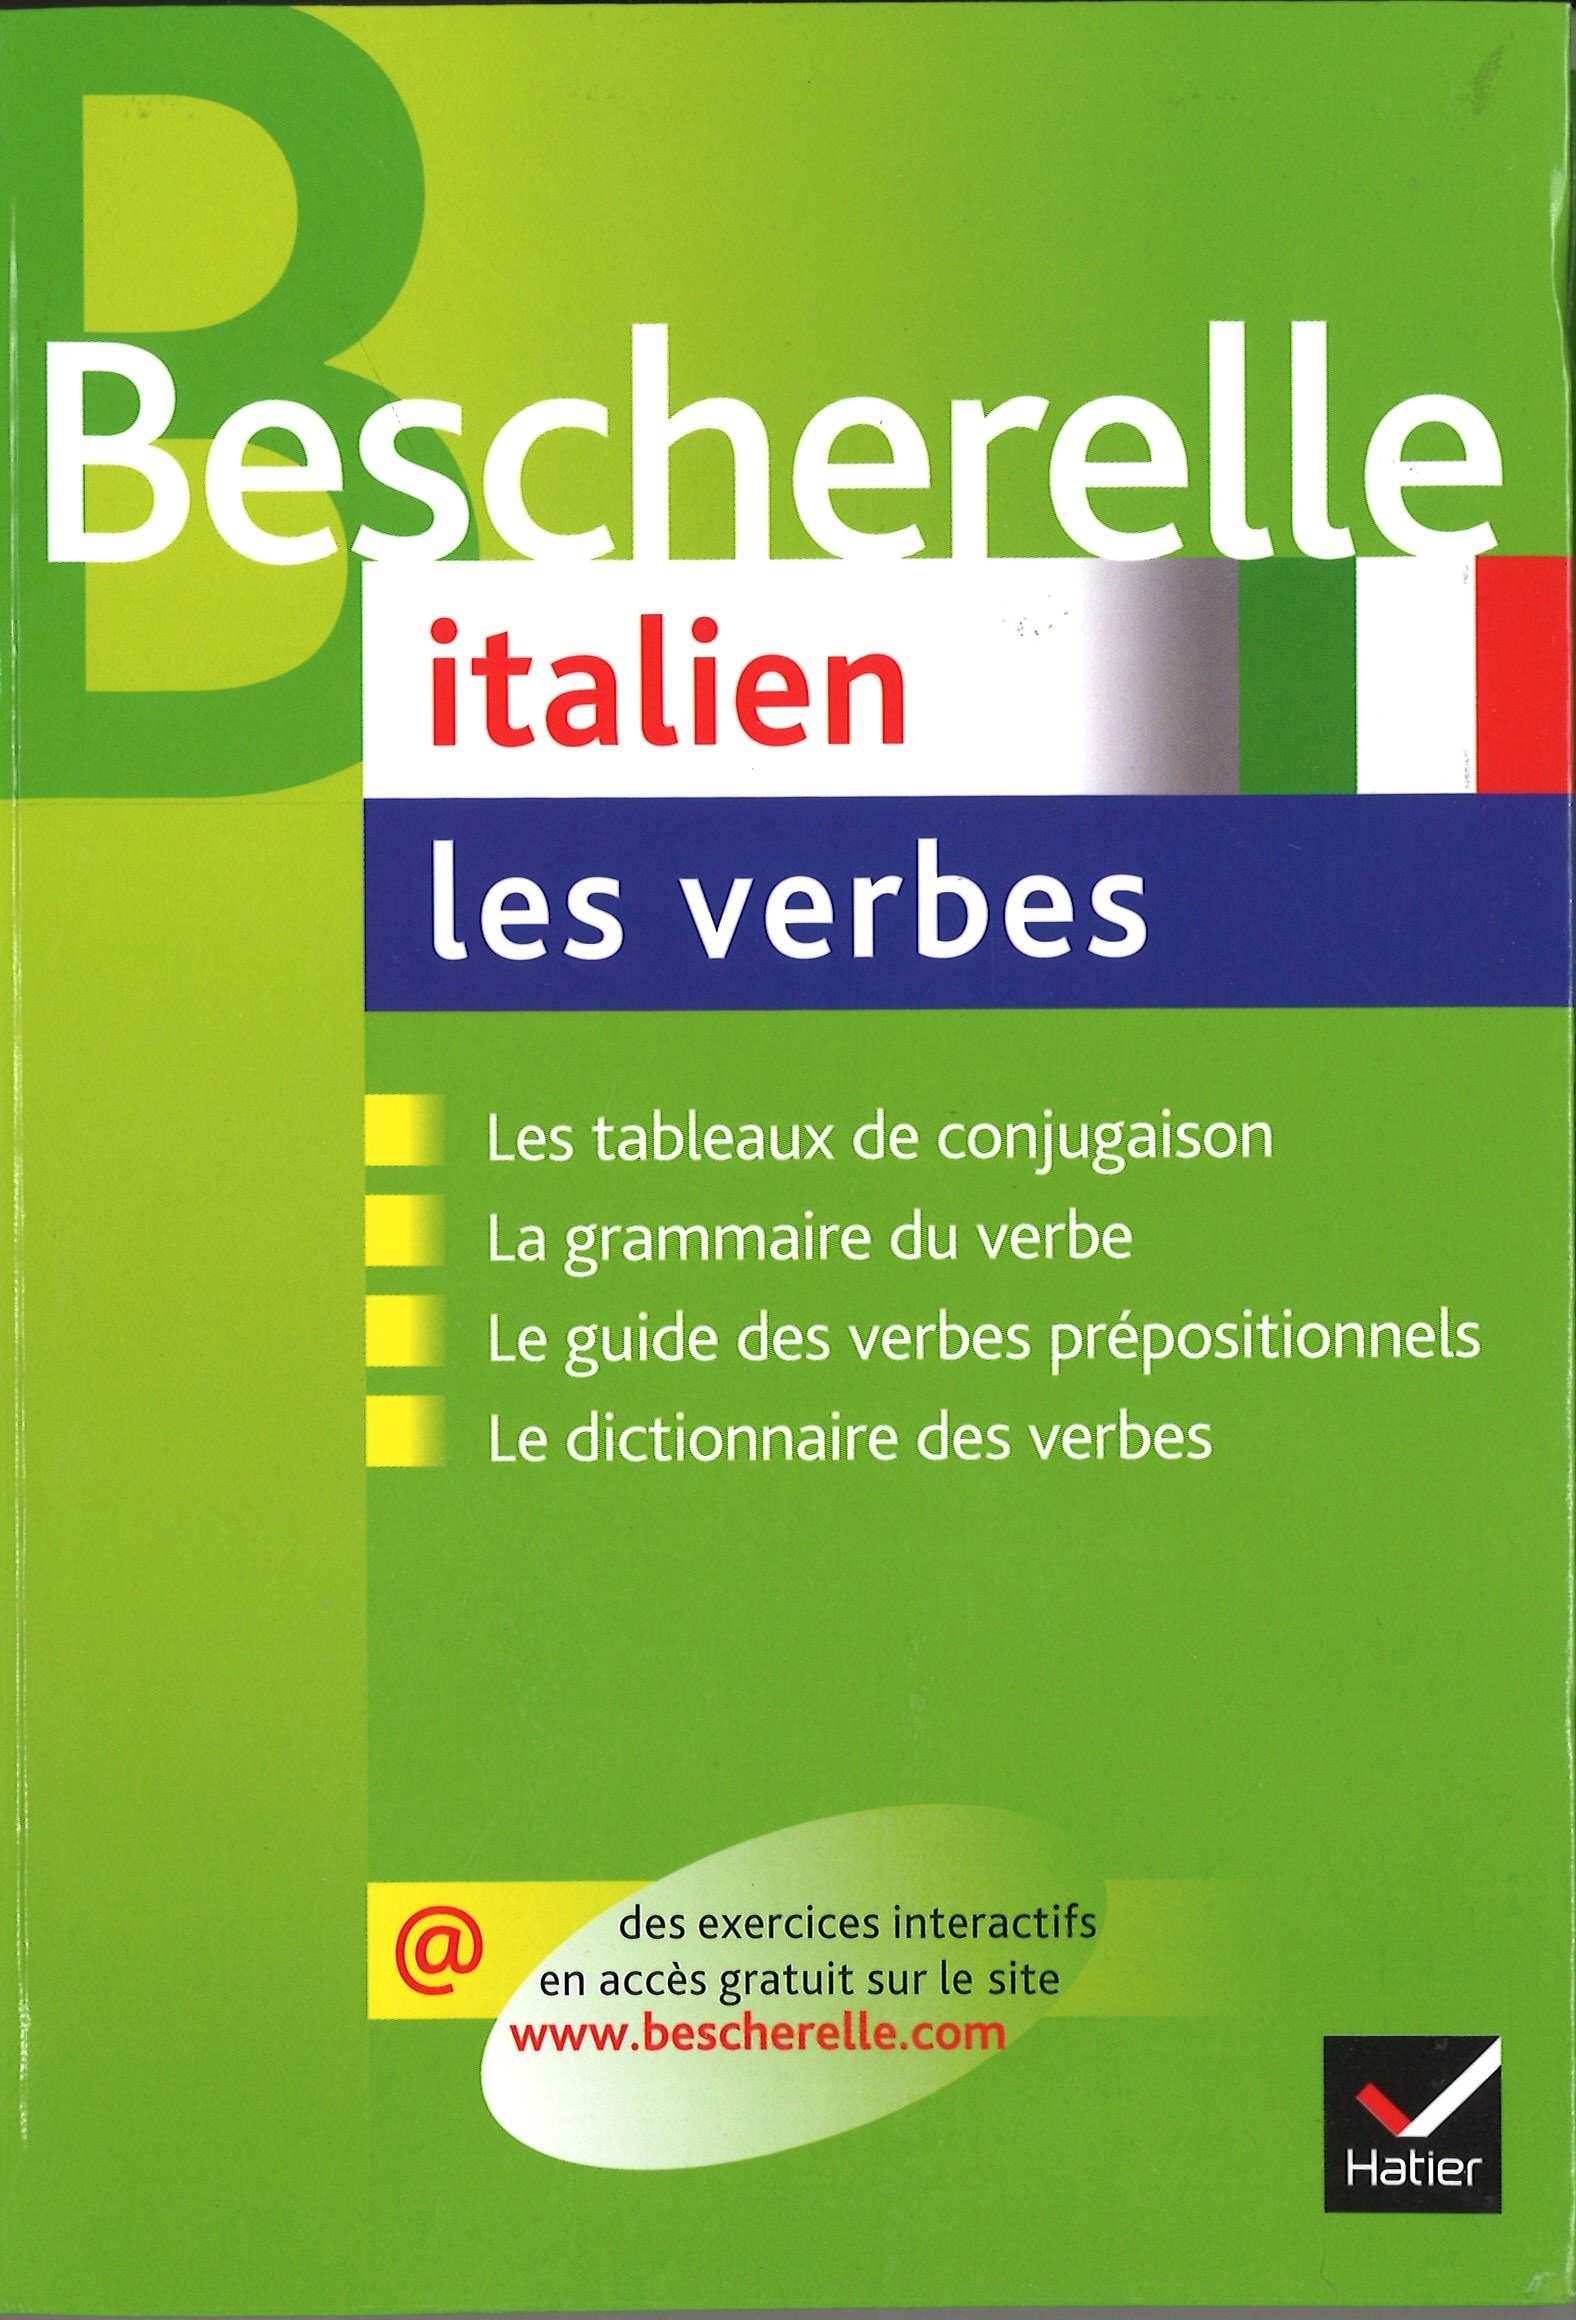 Amazon Fr Bescherelle Italien Les Verbes Ouvrage De Reference Sur La Conjugaison Italienne Cappelletti Luciano Livres